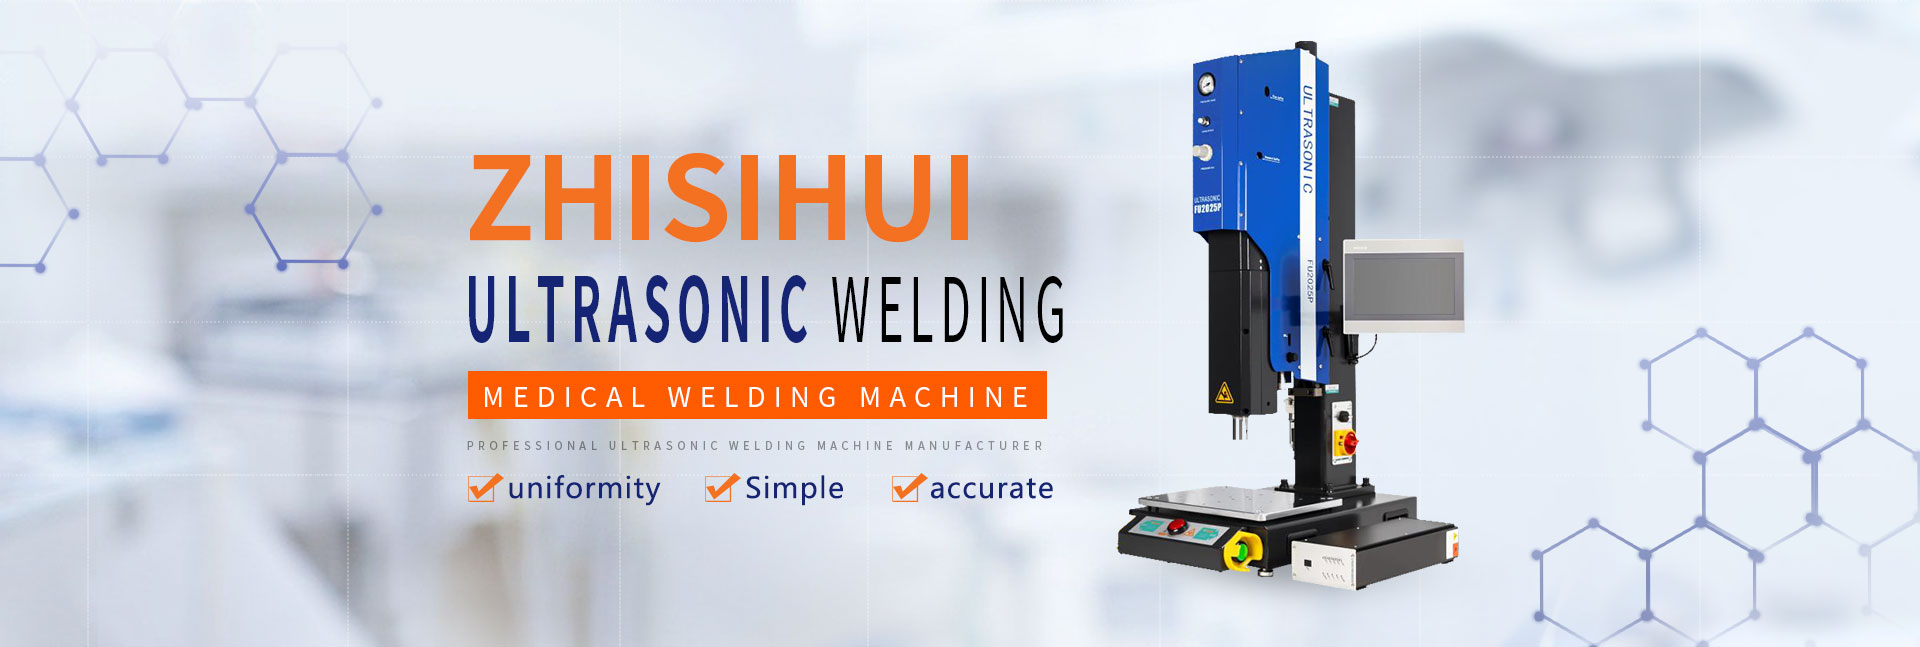 Ultrasonic welding machine equipment